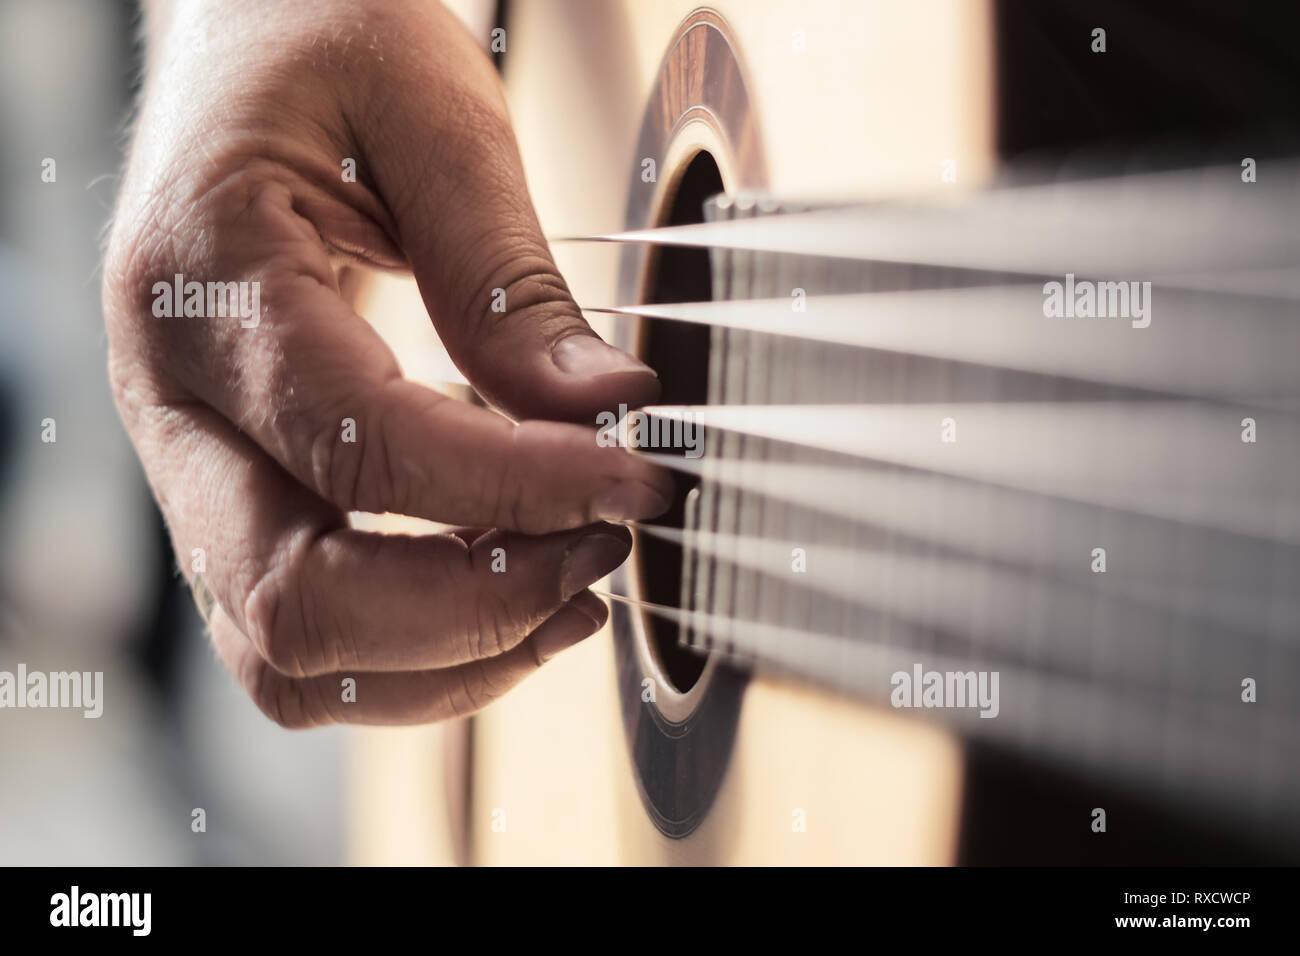 Akustik Gitarre beim Spielen klassischer Musik - Stock Image